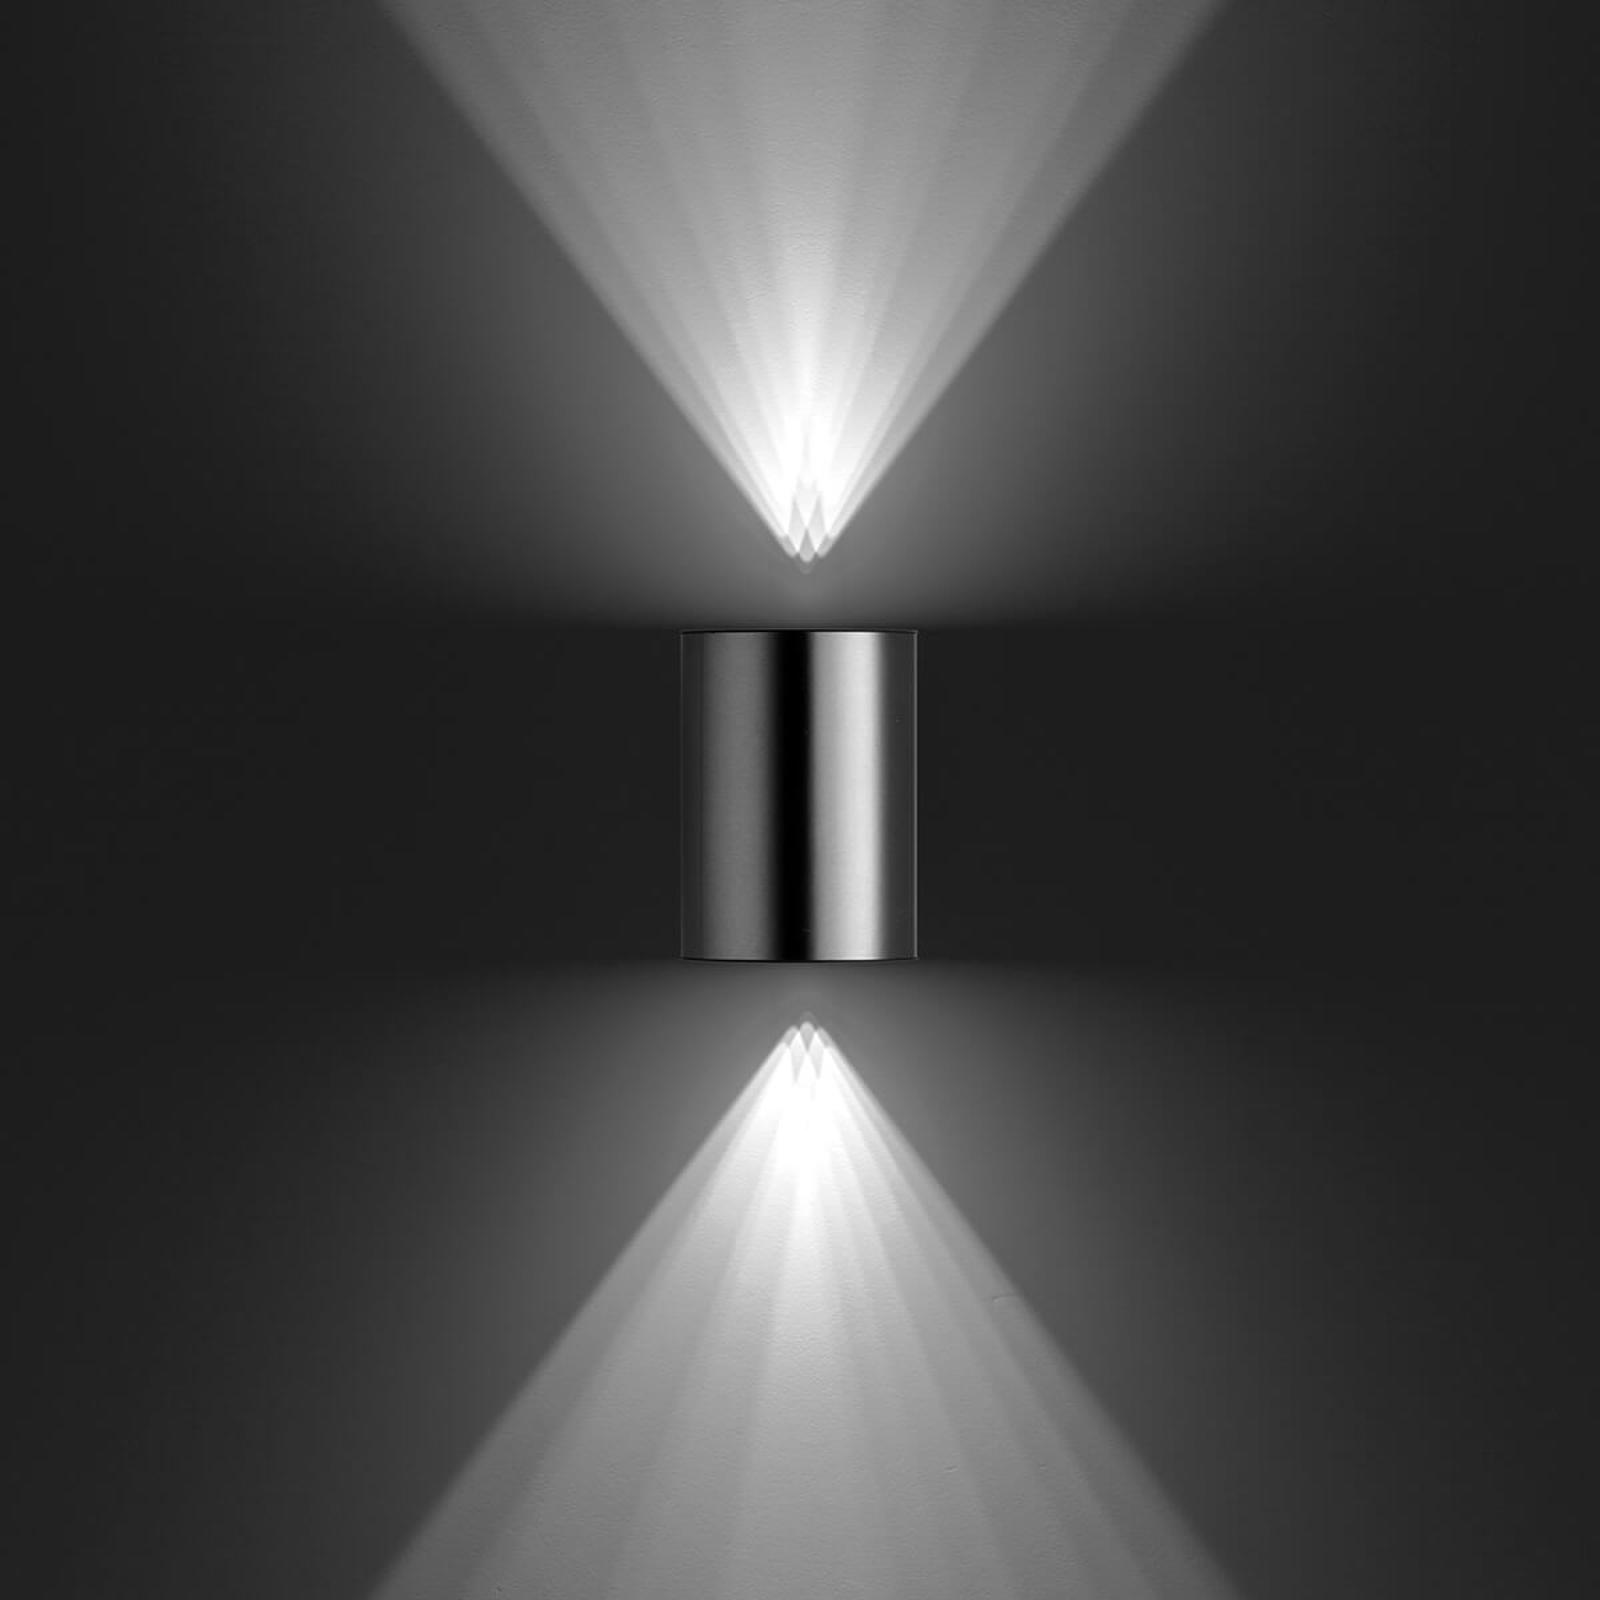 Buxus utendørs LED vegglampe av rustfritt stål